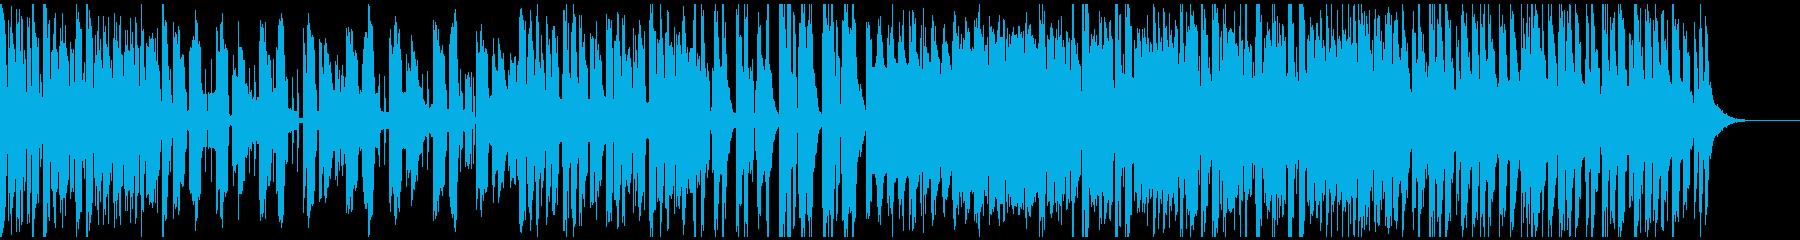 おやつをイメージしたシンセリードBGMの再生済みの波形